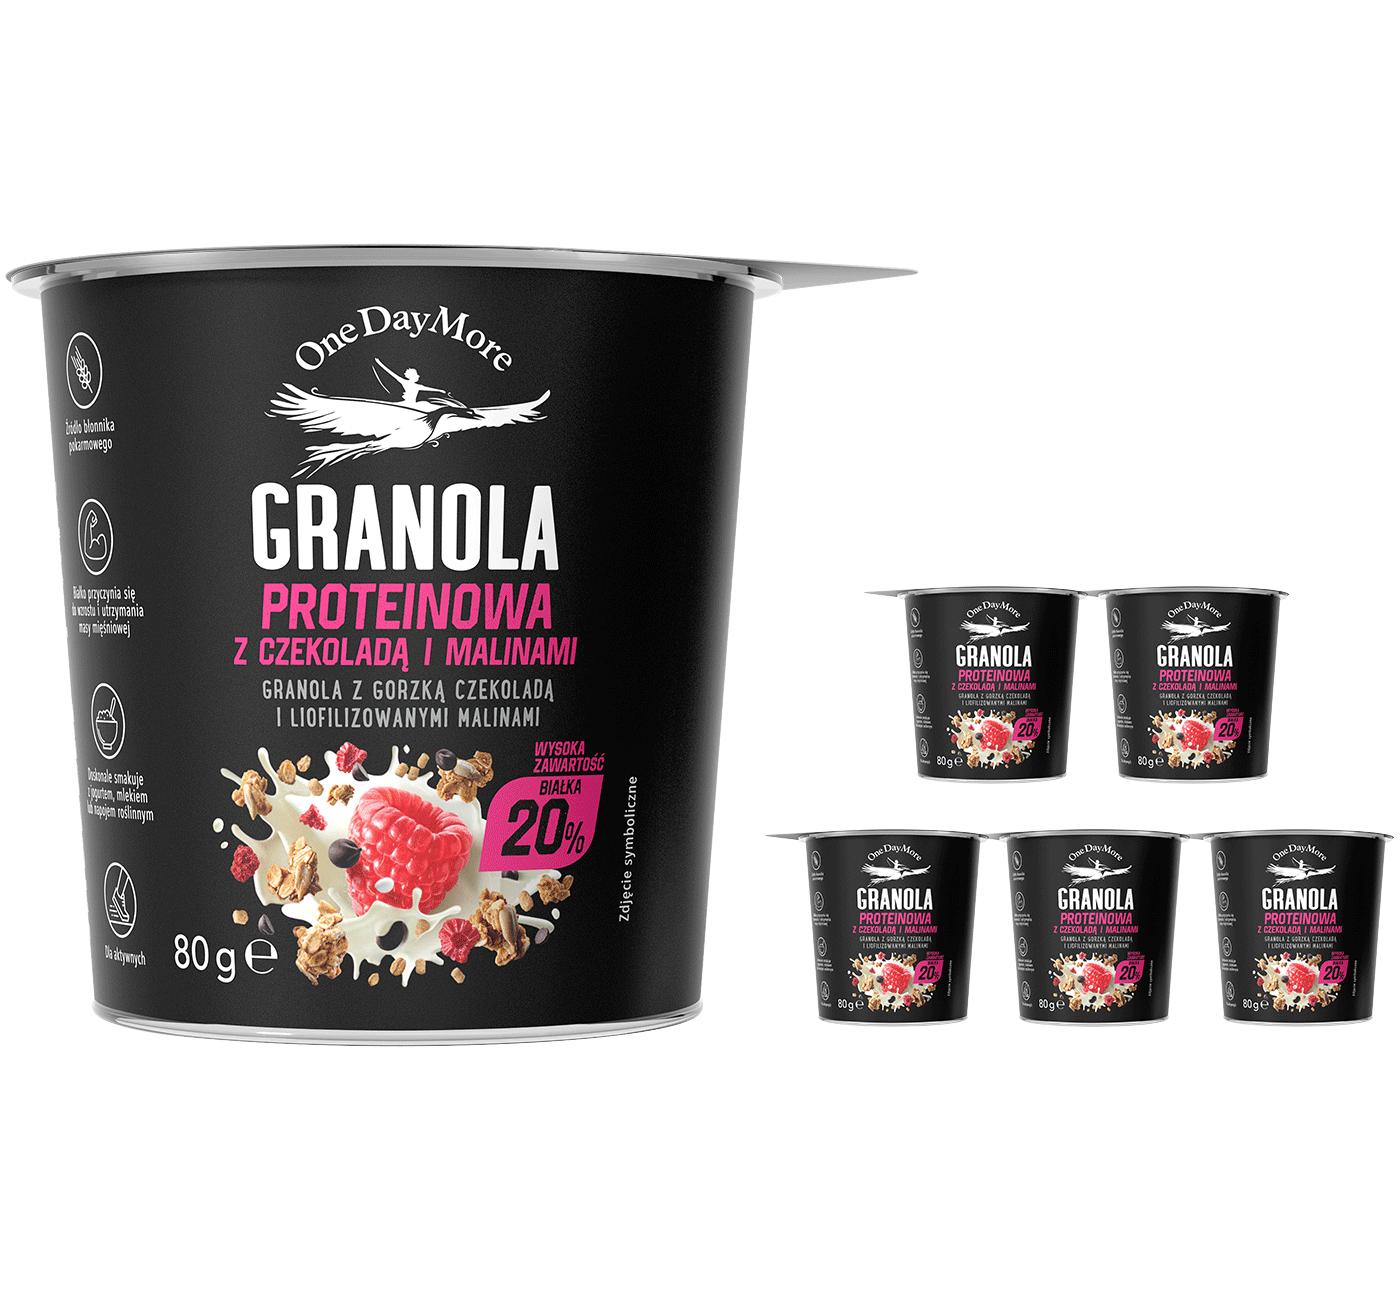 granola-proteinowa-zestaw-kubkow-przod-onedaymore-1400×1291